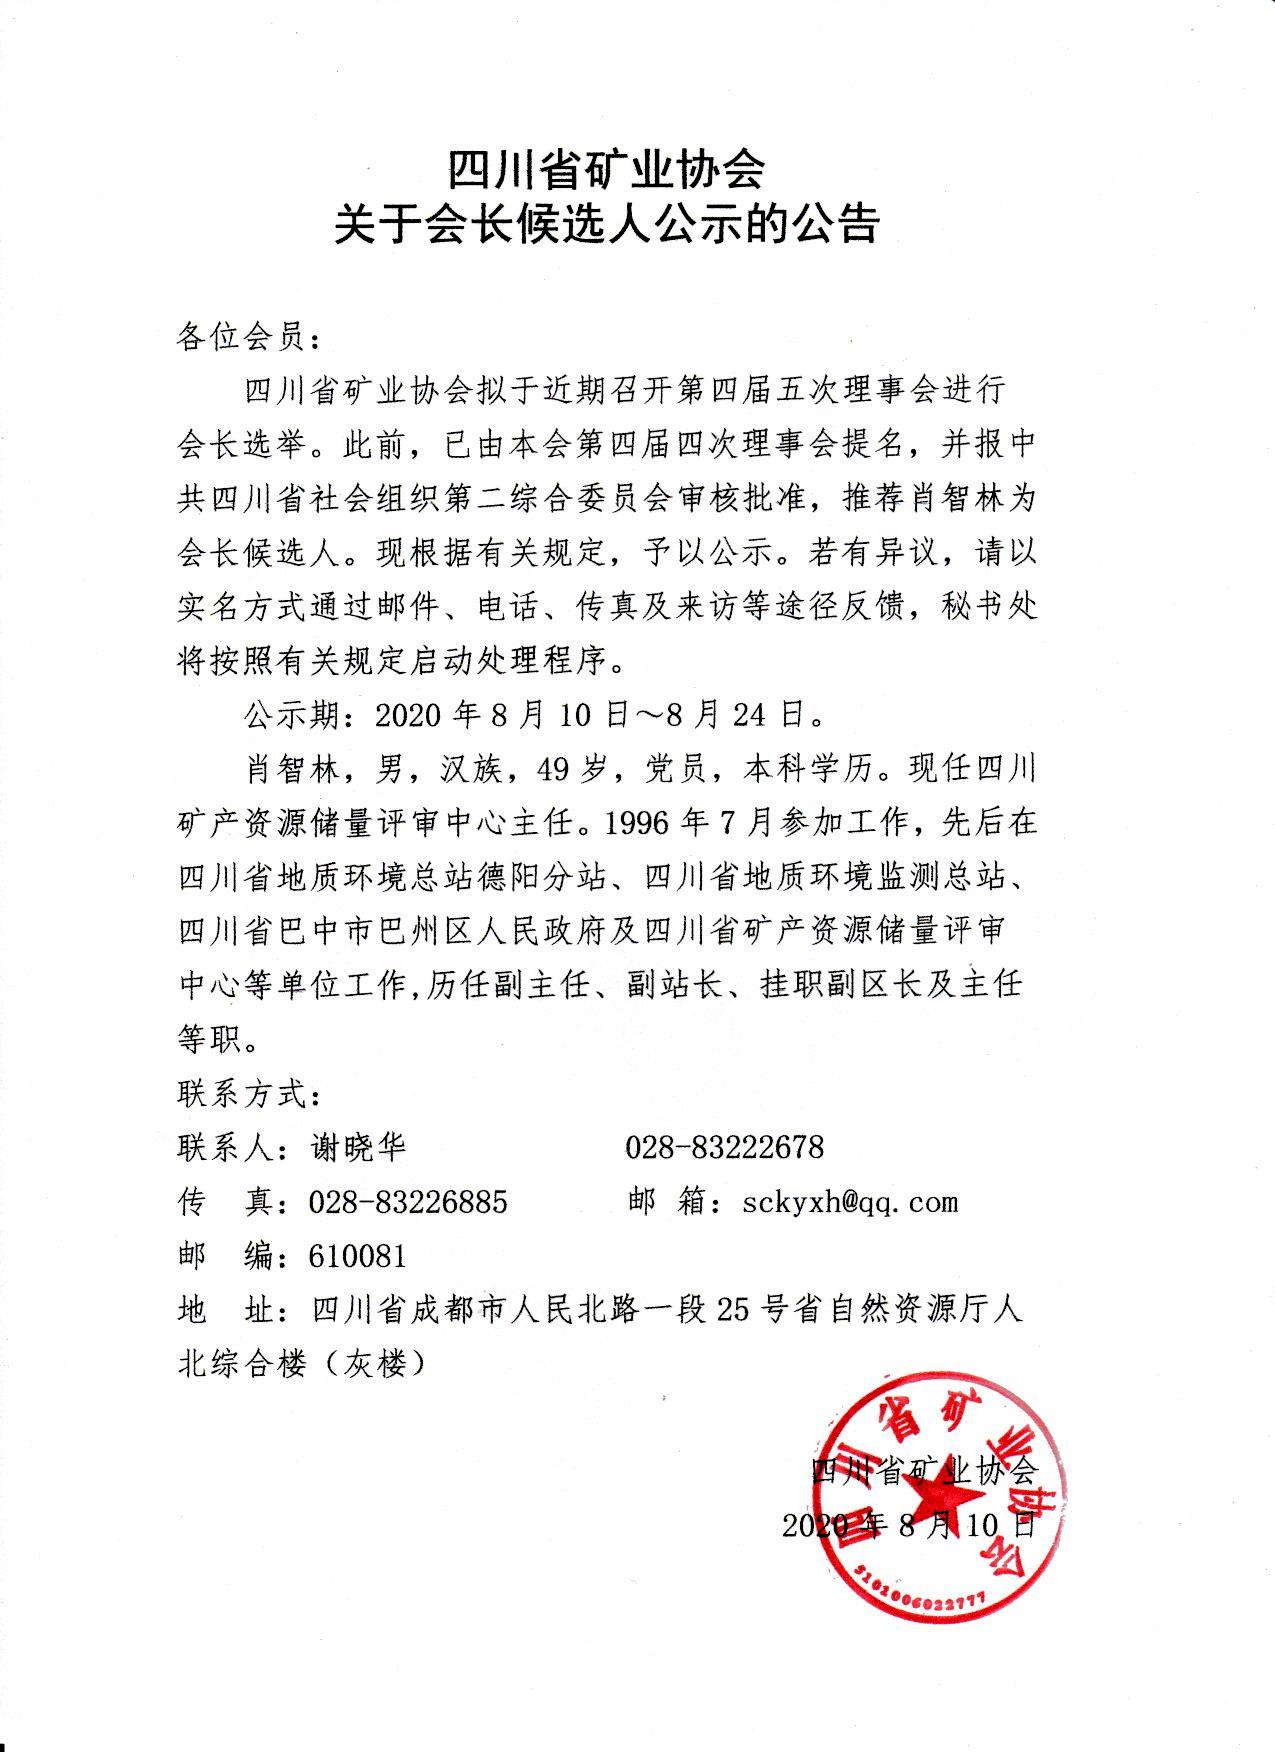 四川省矿业协会关于会长候选人公示的公告.png